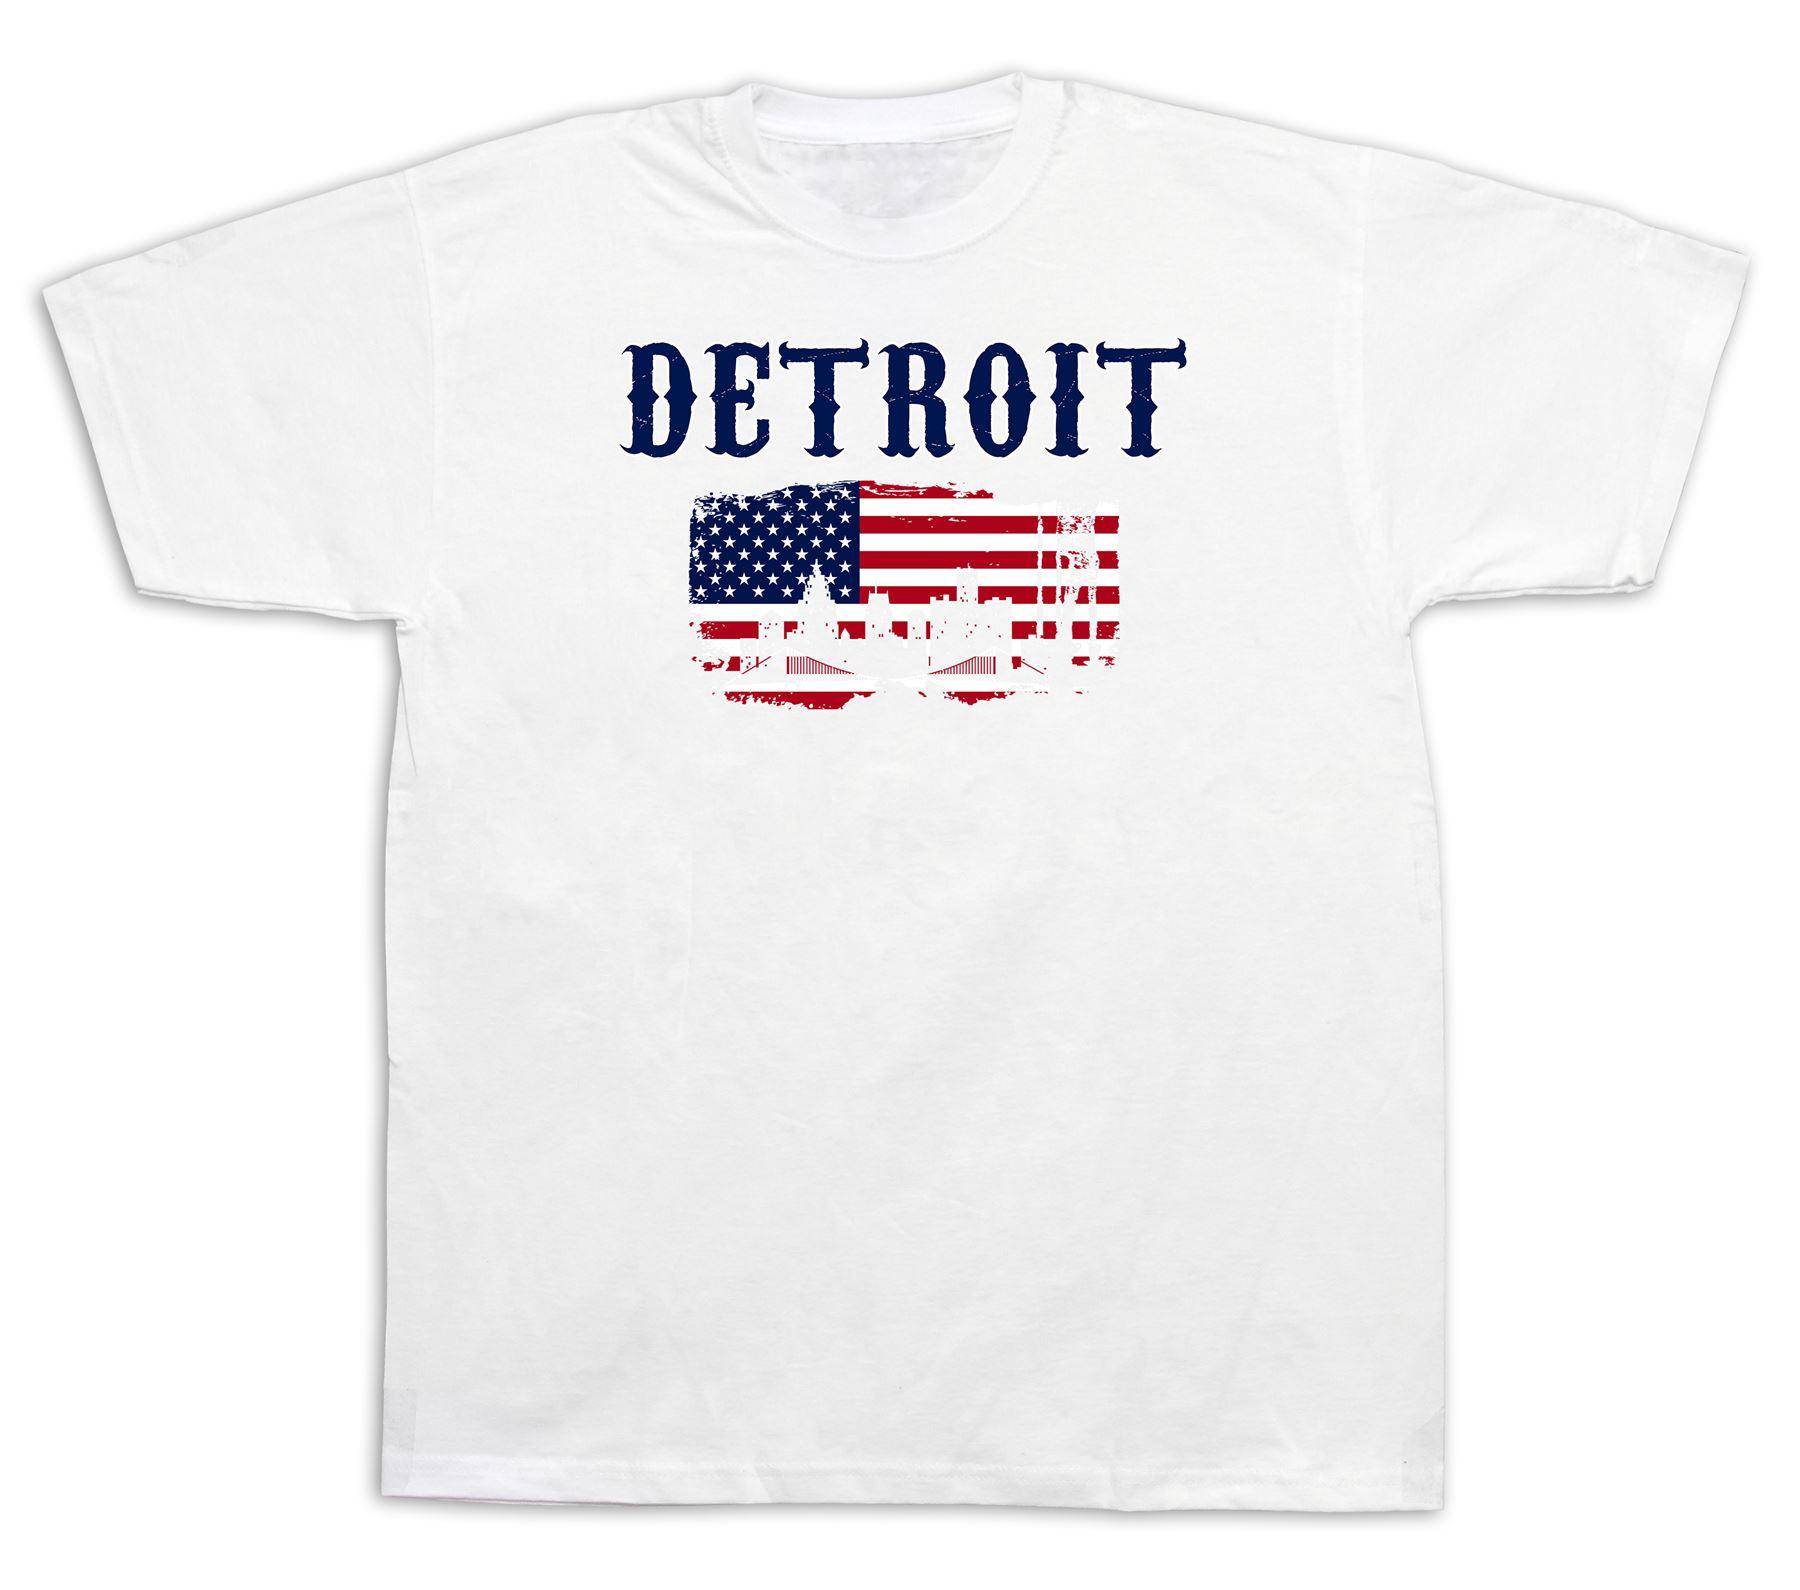 Detroit flag souvenir tourist spots city sites t shirt for Best website to sell shirts